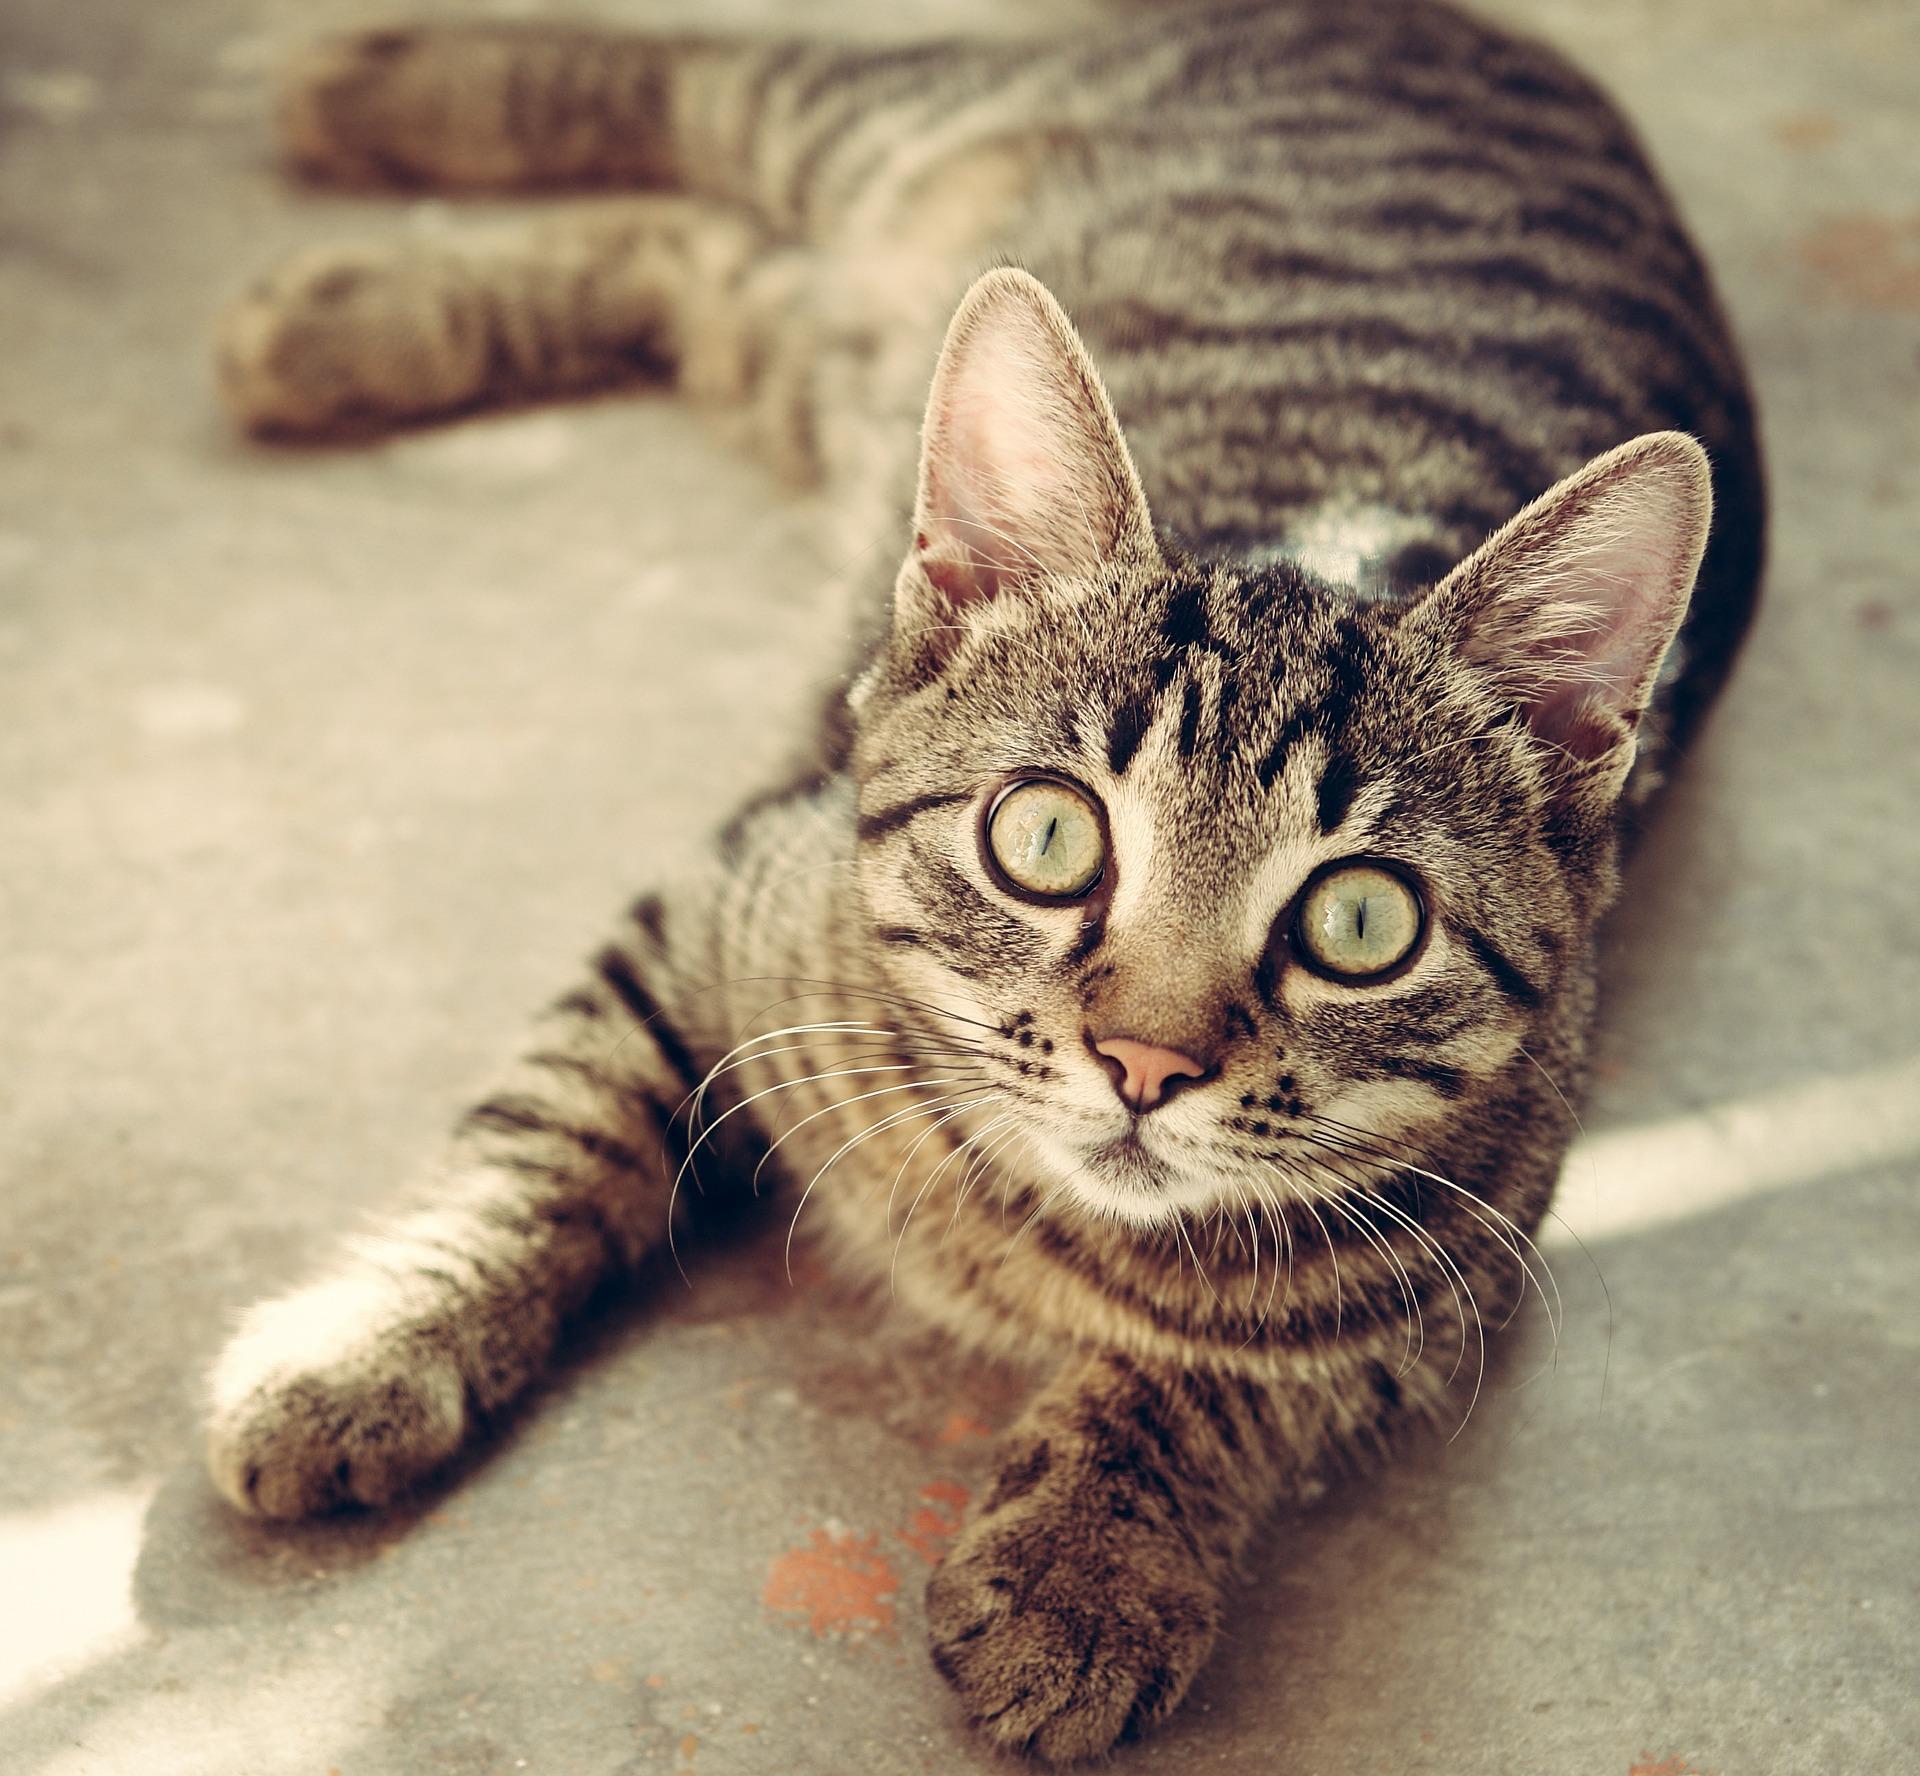 Hochwertiges Trockenfutter ist für die gesunde Ernährung von Katzen wichtig.